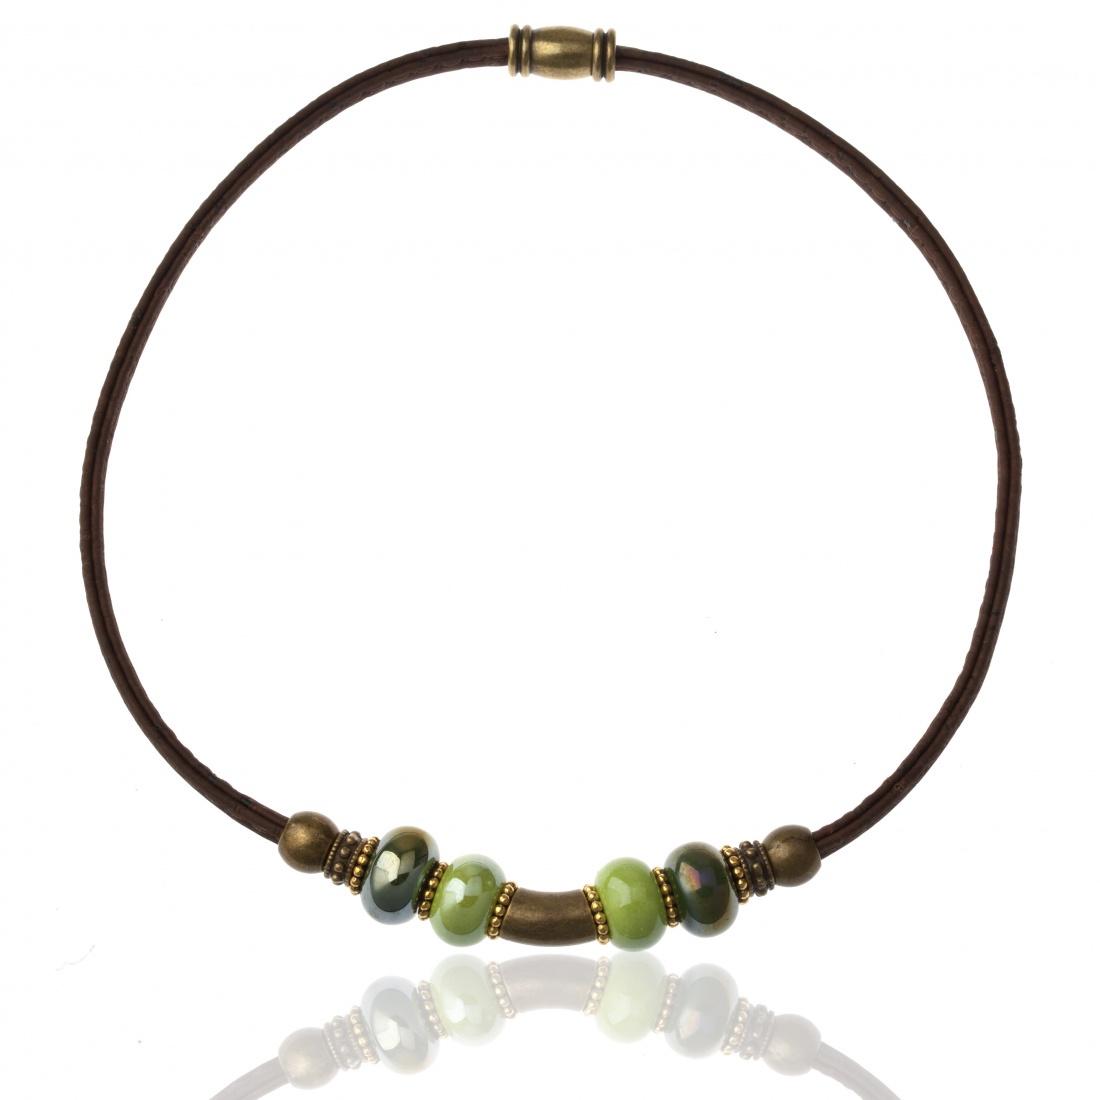 цена на Колье/ожерелье бижутерное Cork Factory